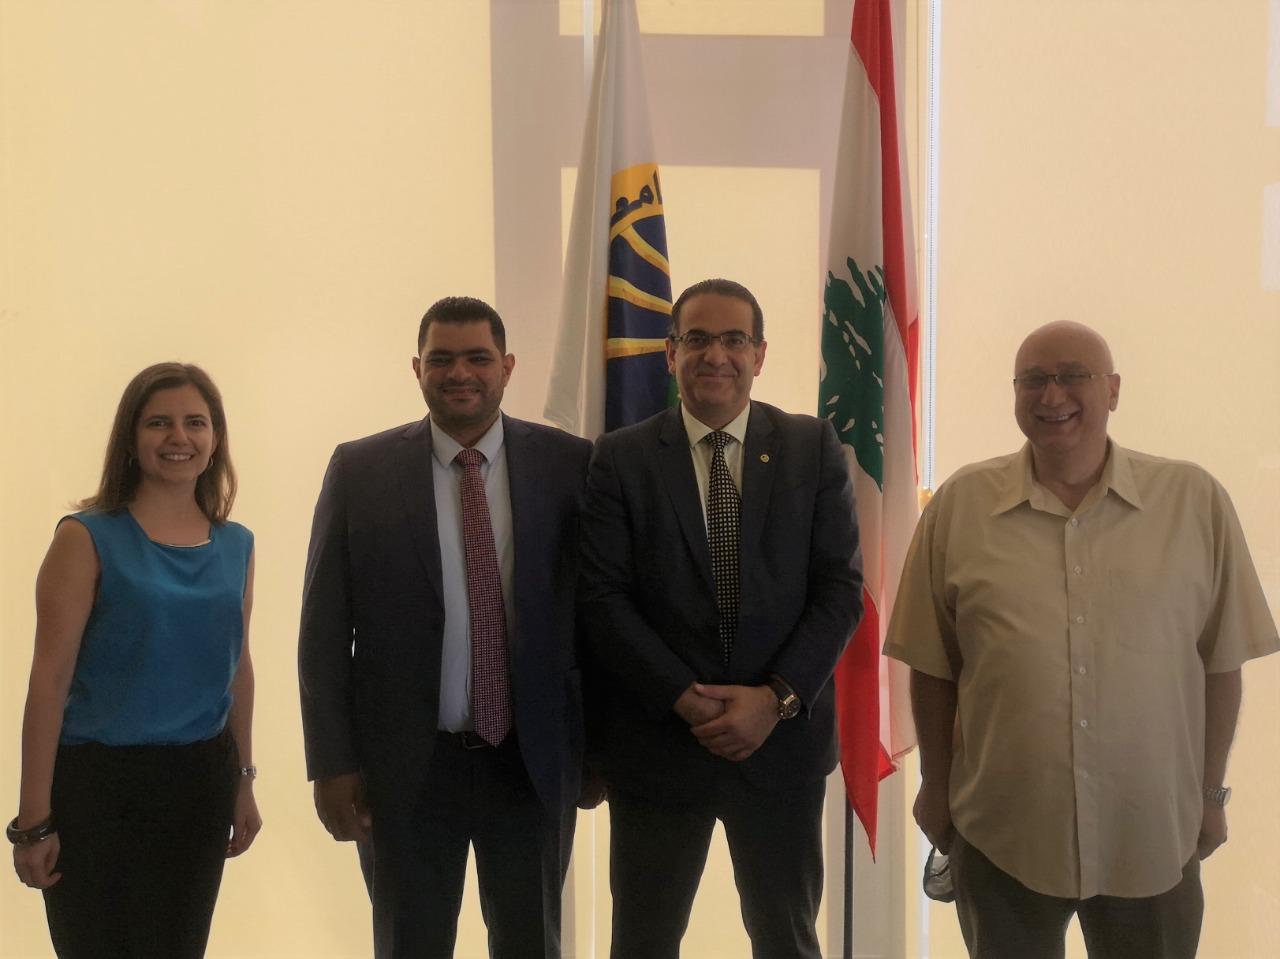 كلية الهندسة في البلمند أعلنت مشاركتها بمشروعين يمولهما برنامج ERASMUS+